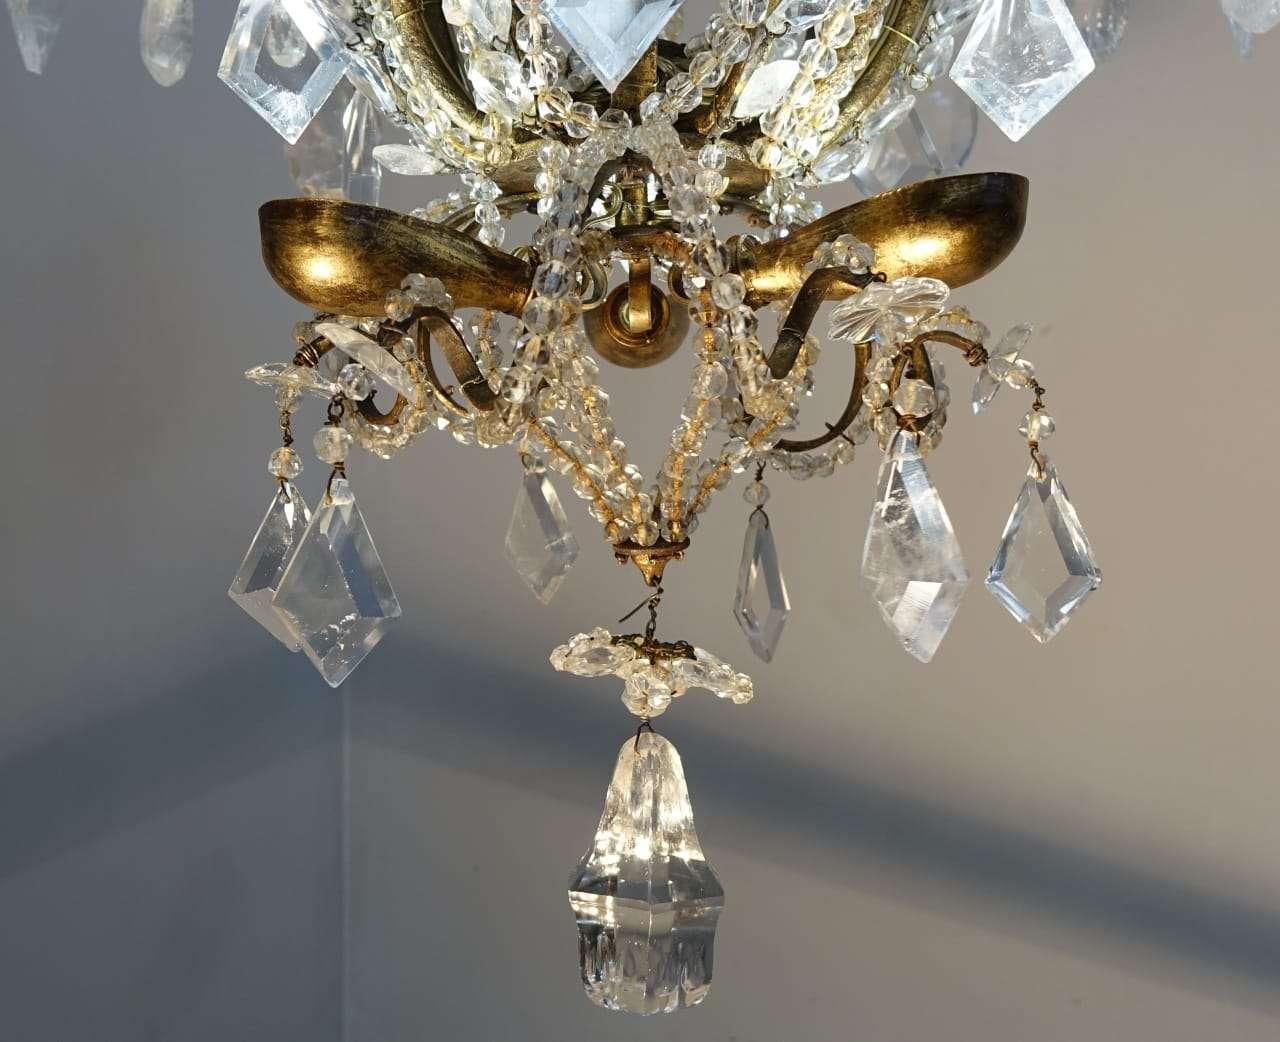 Lampade Cristallo Di Boemia : Prezzi lampadari cristallo di boemia lampadario con cristalli